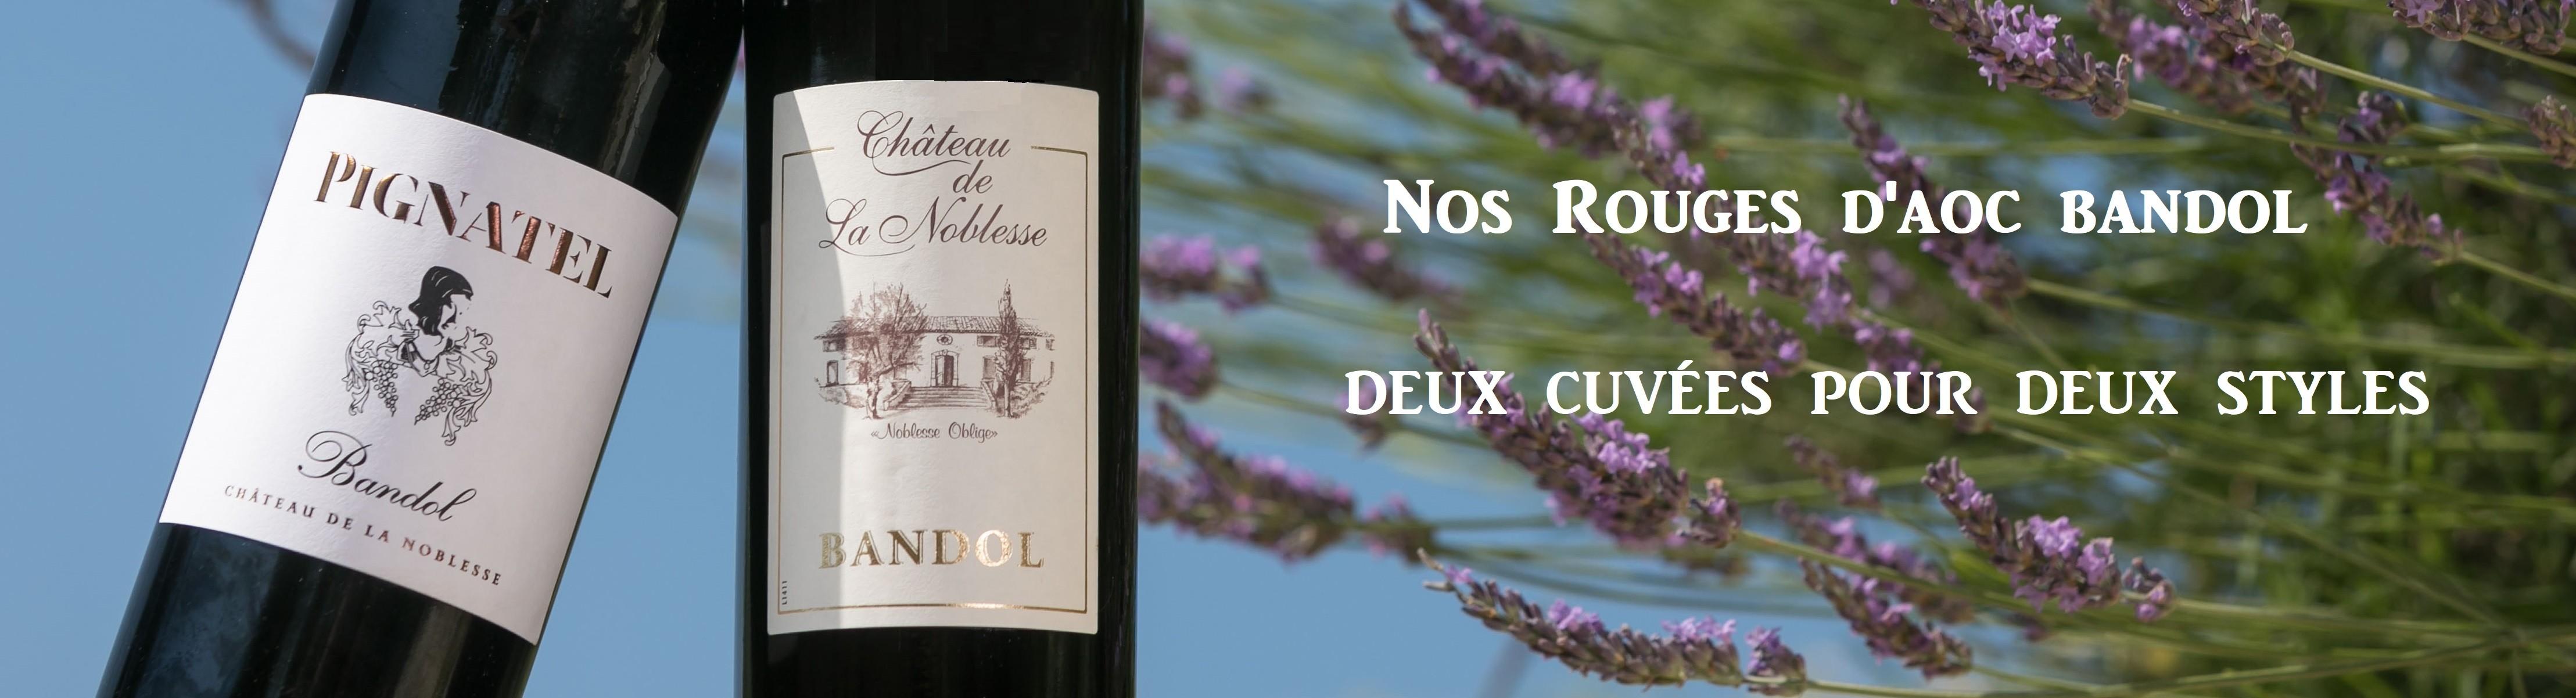 Vins rouges de Bandol Noblesse - Pignatel